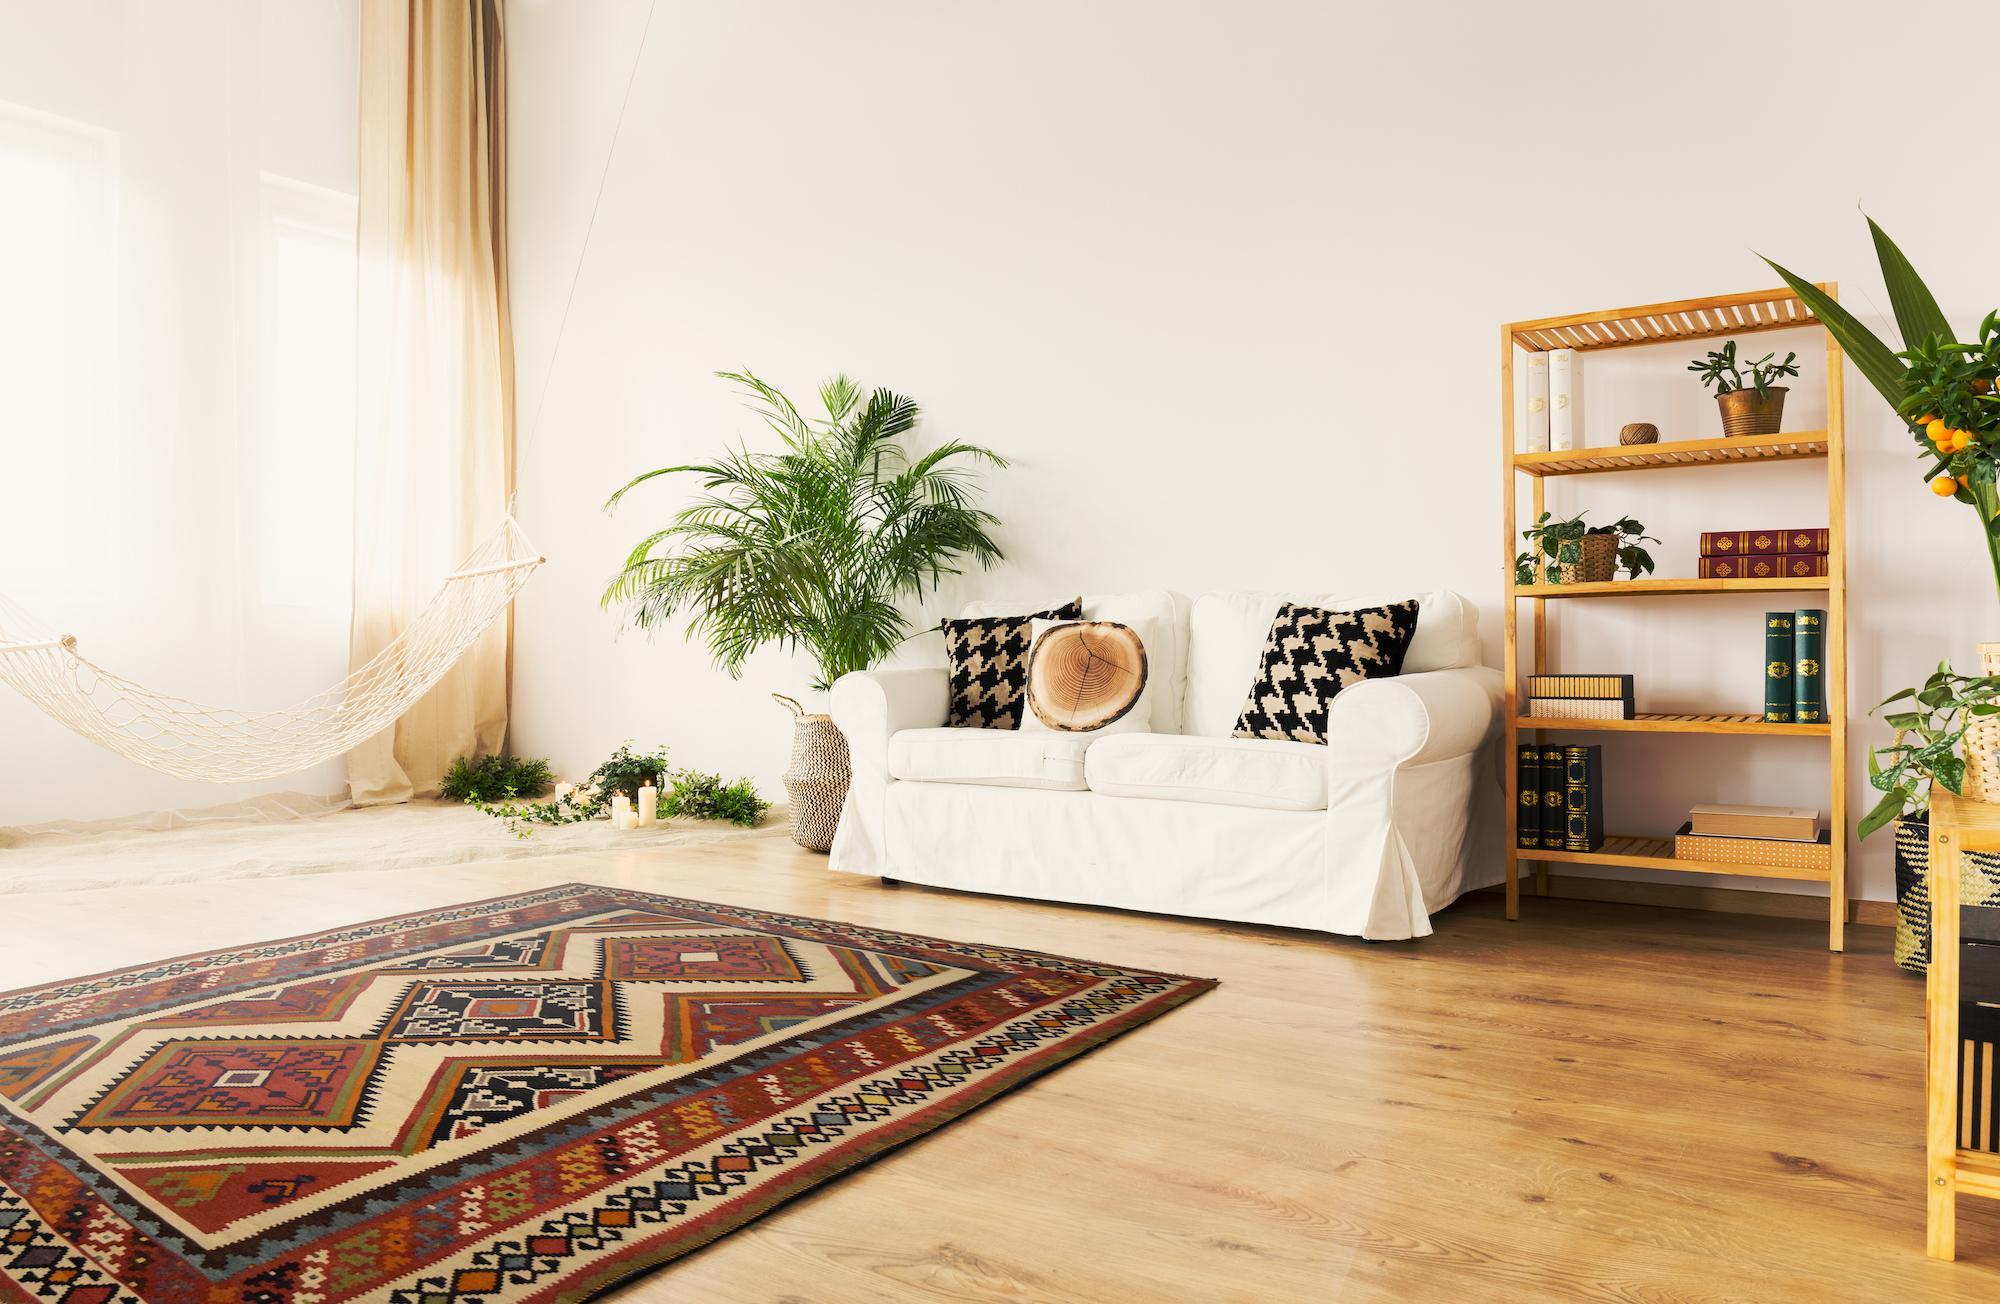 tappeto kilim moderno in casa moderna su parquet in legno con divano bianco